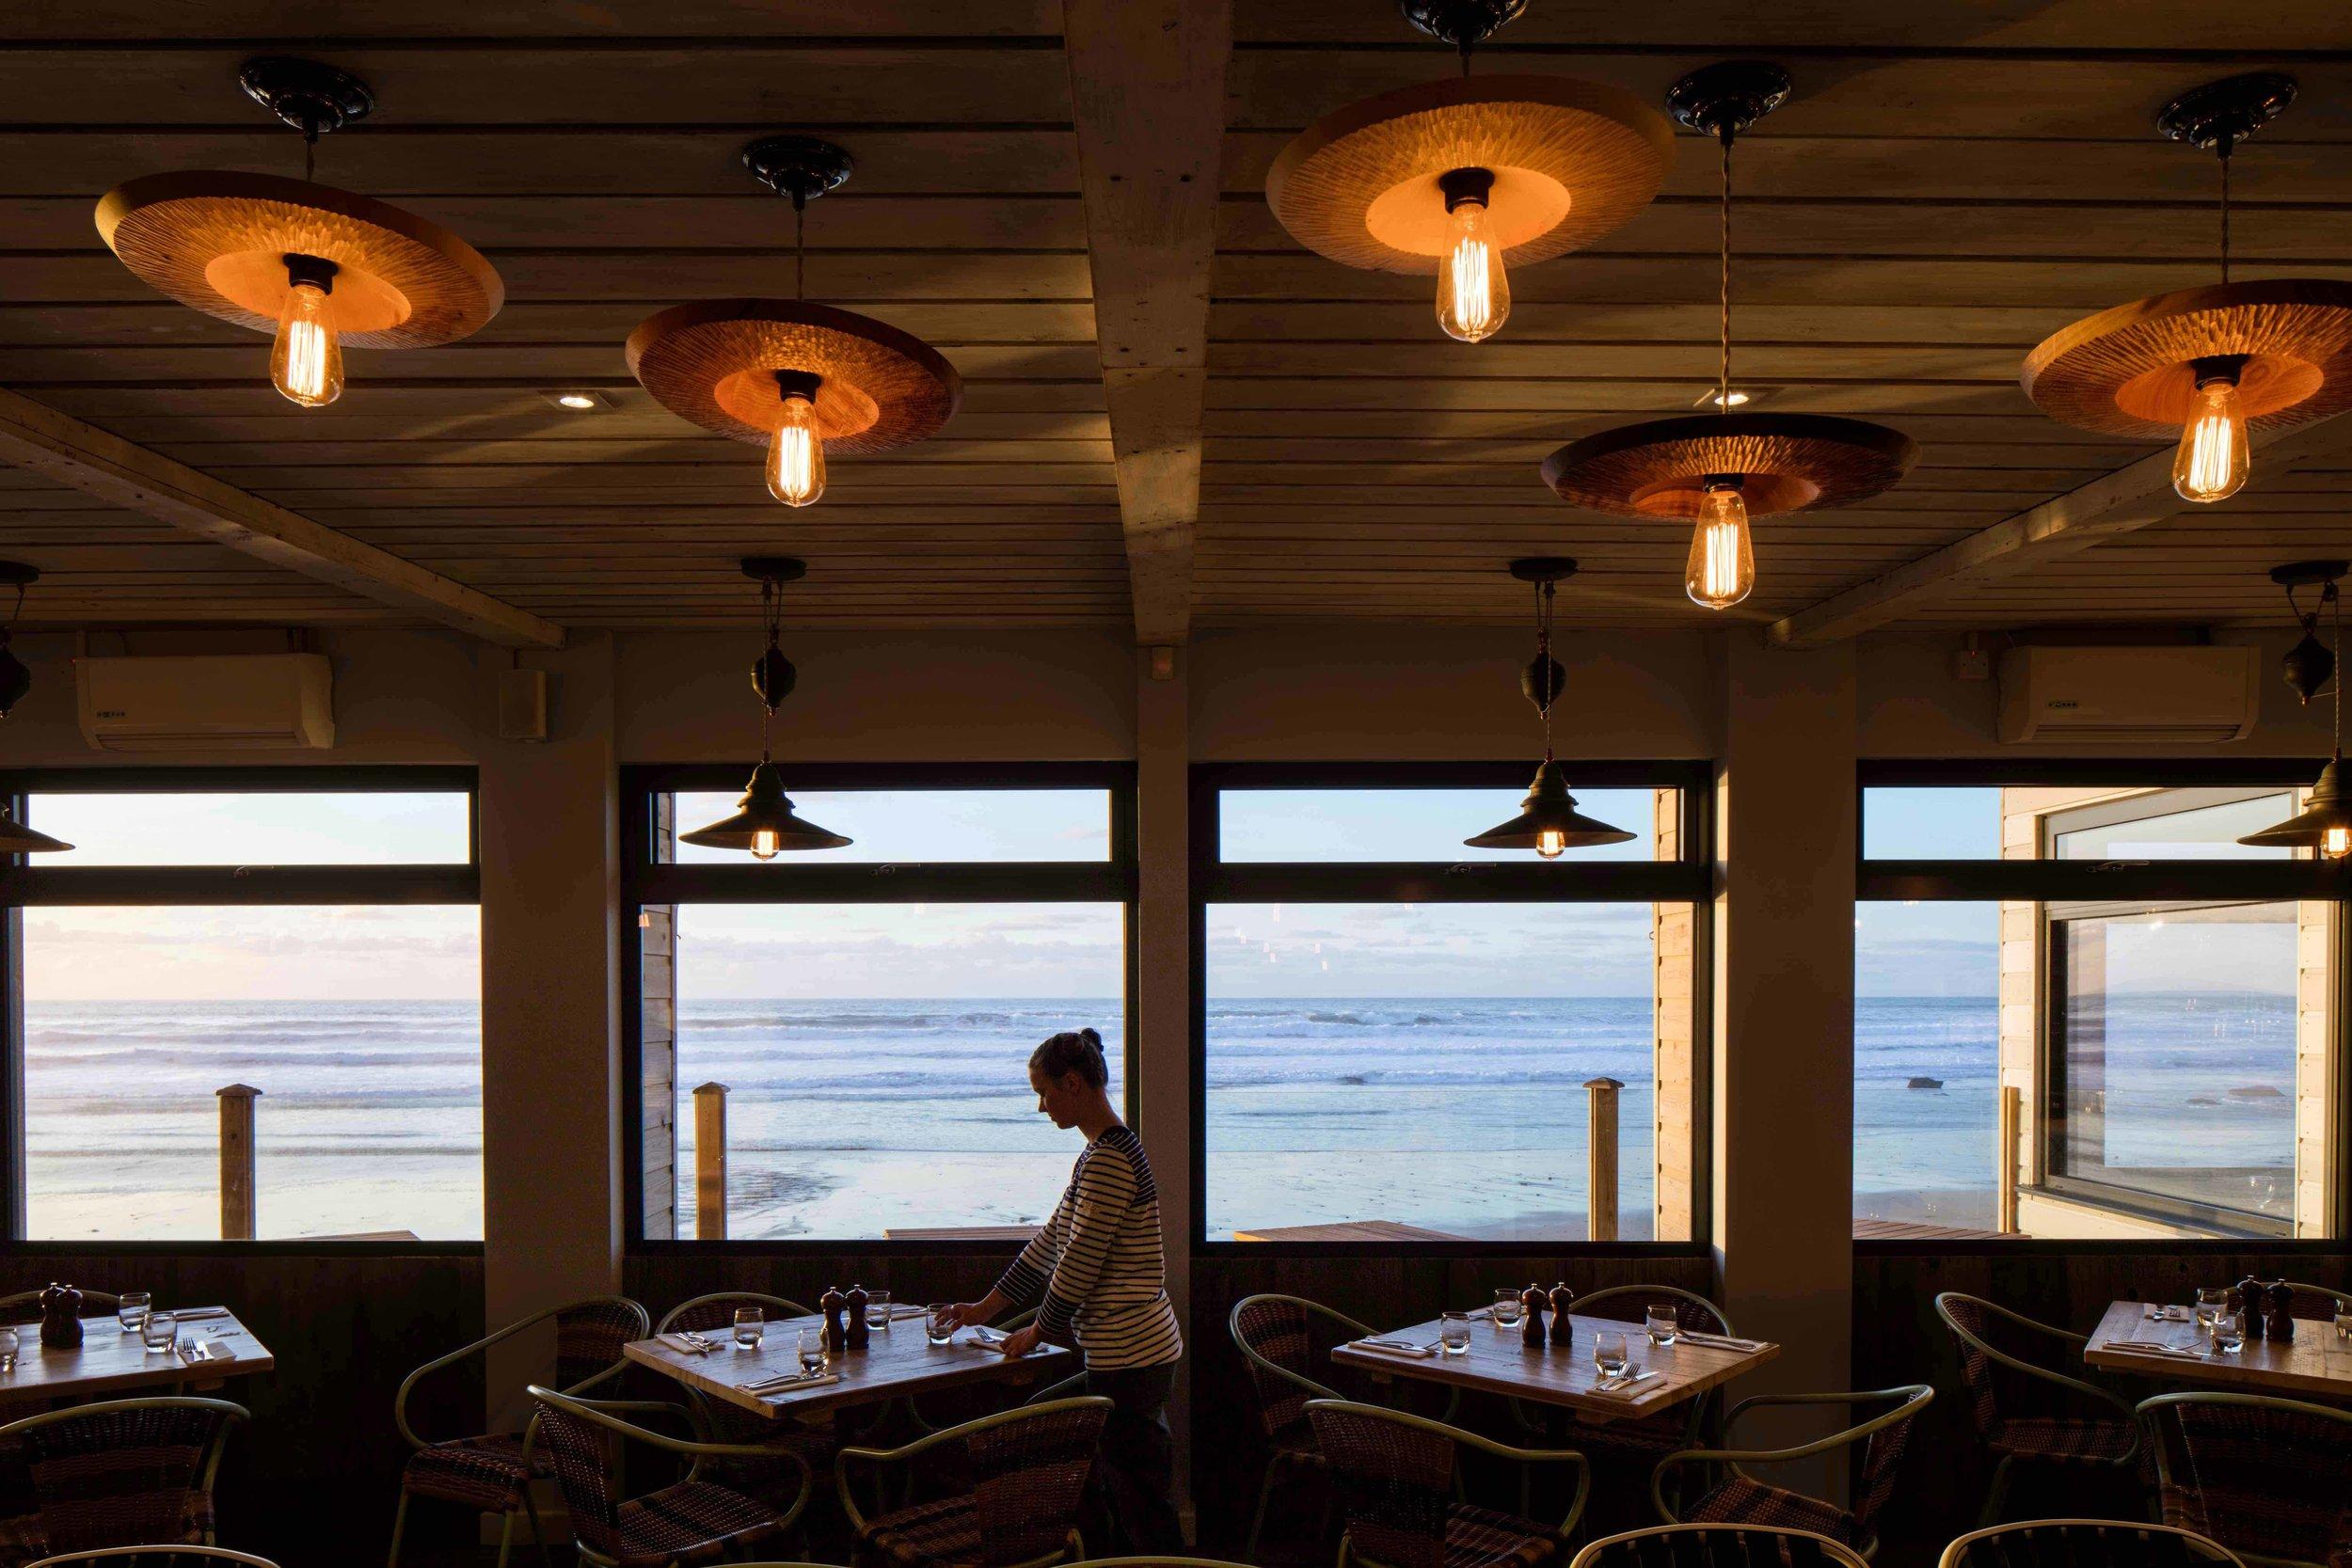 170208-Watergate-Beach-Hut207--Luke-Hayes.jpg